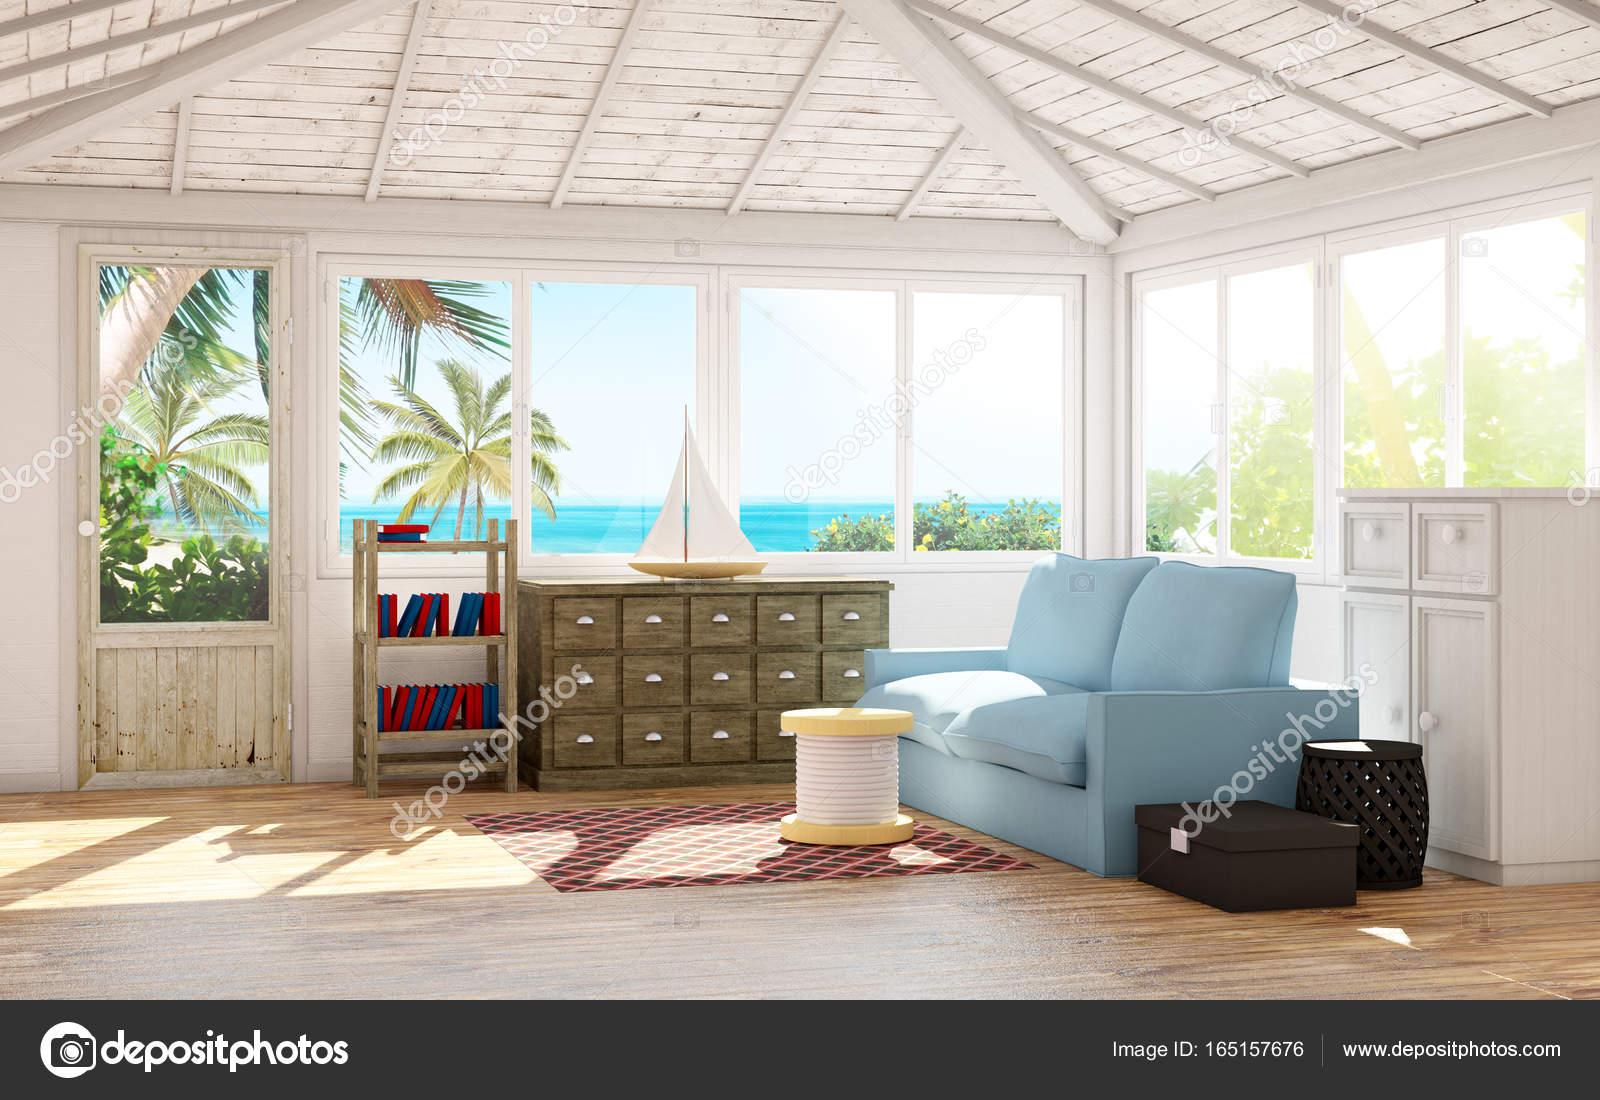 Strandlook Interieur Inspiratie : Interieur strand west strand strand strand strand west